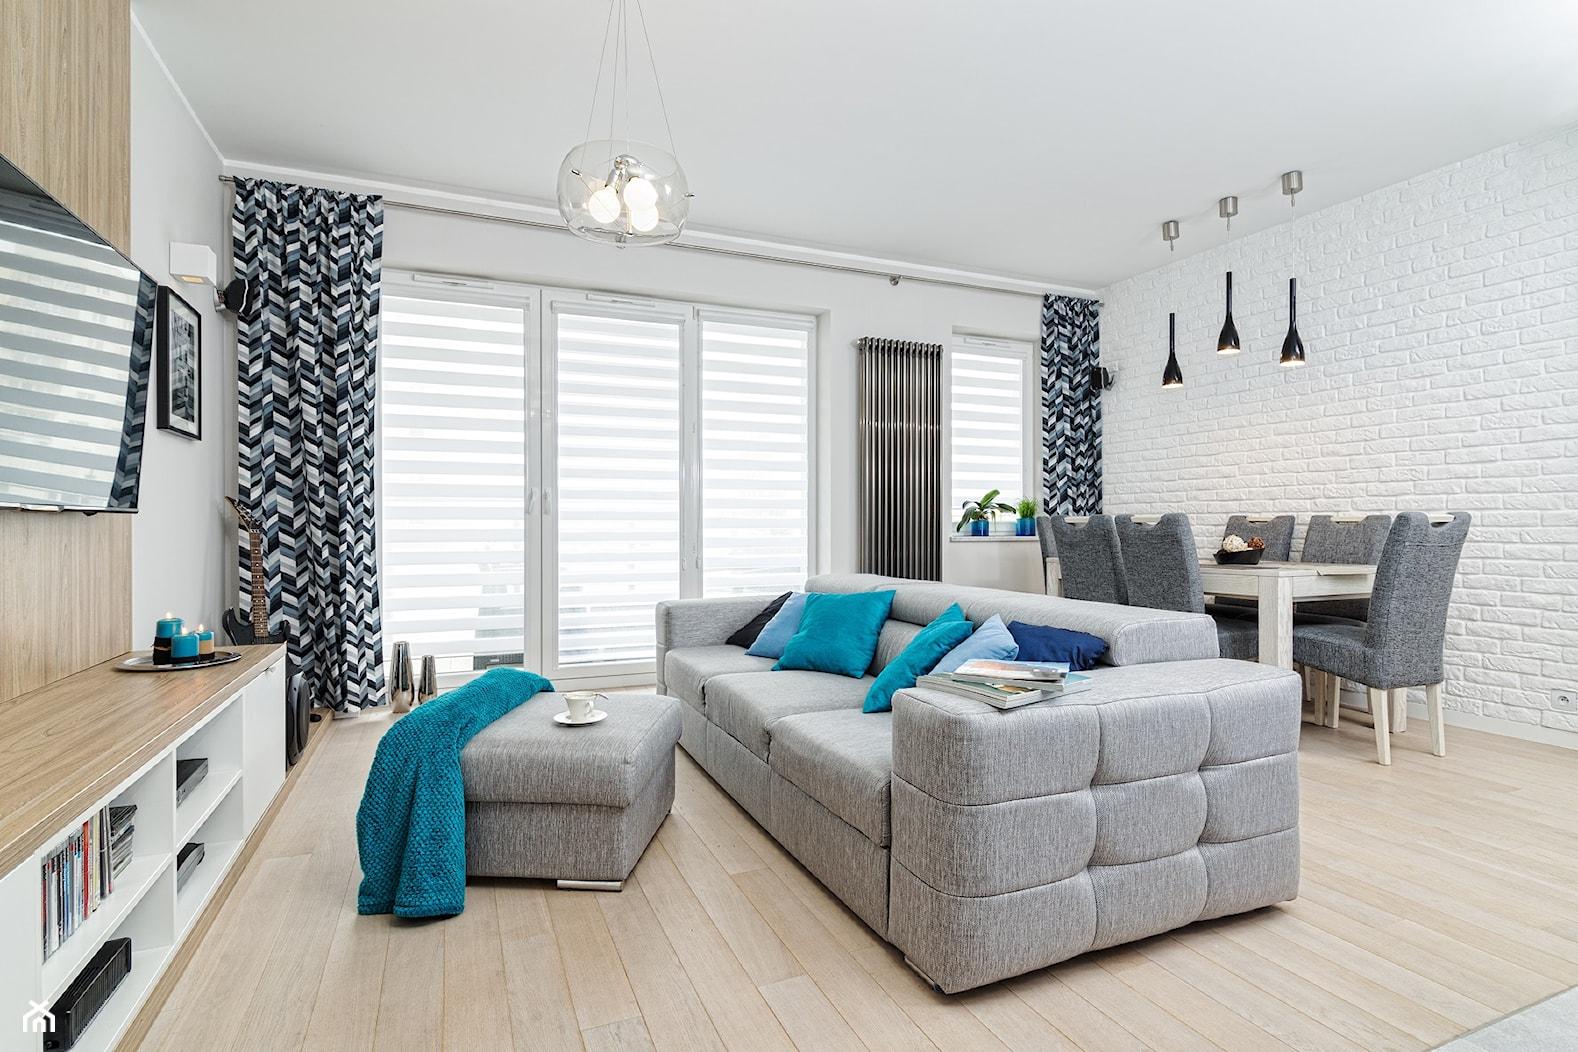 MIESZKANIE 72m2 - Średni biały salon z jadalnią z tarasem / balkonem, styl minimalistyczny - zdjęcie od KRAMKOWSKA | PRACOWNIA WNĘTRZ - Homebook